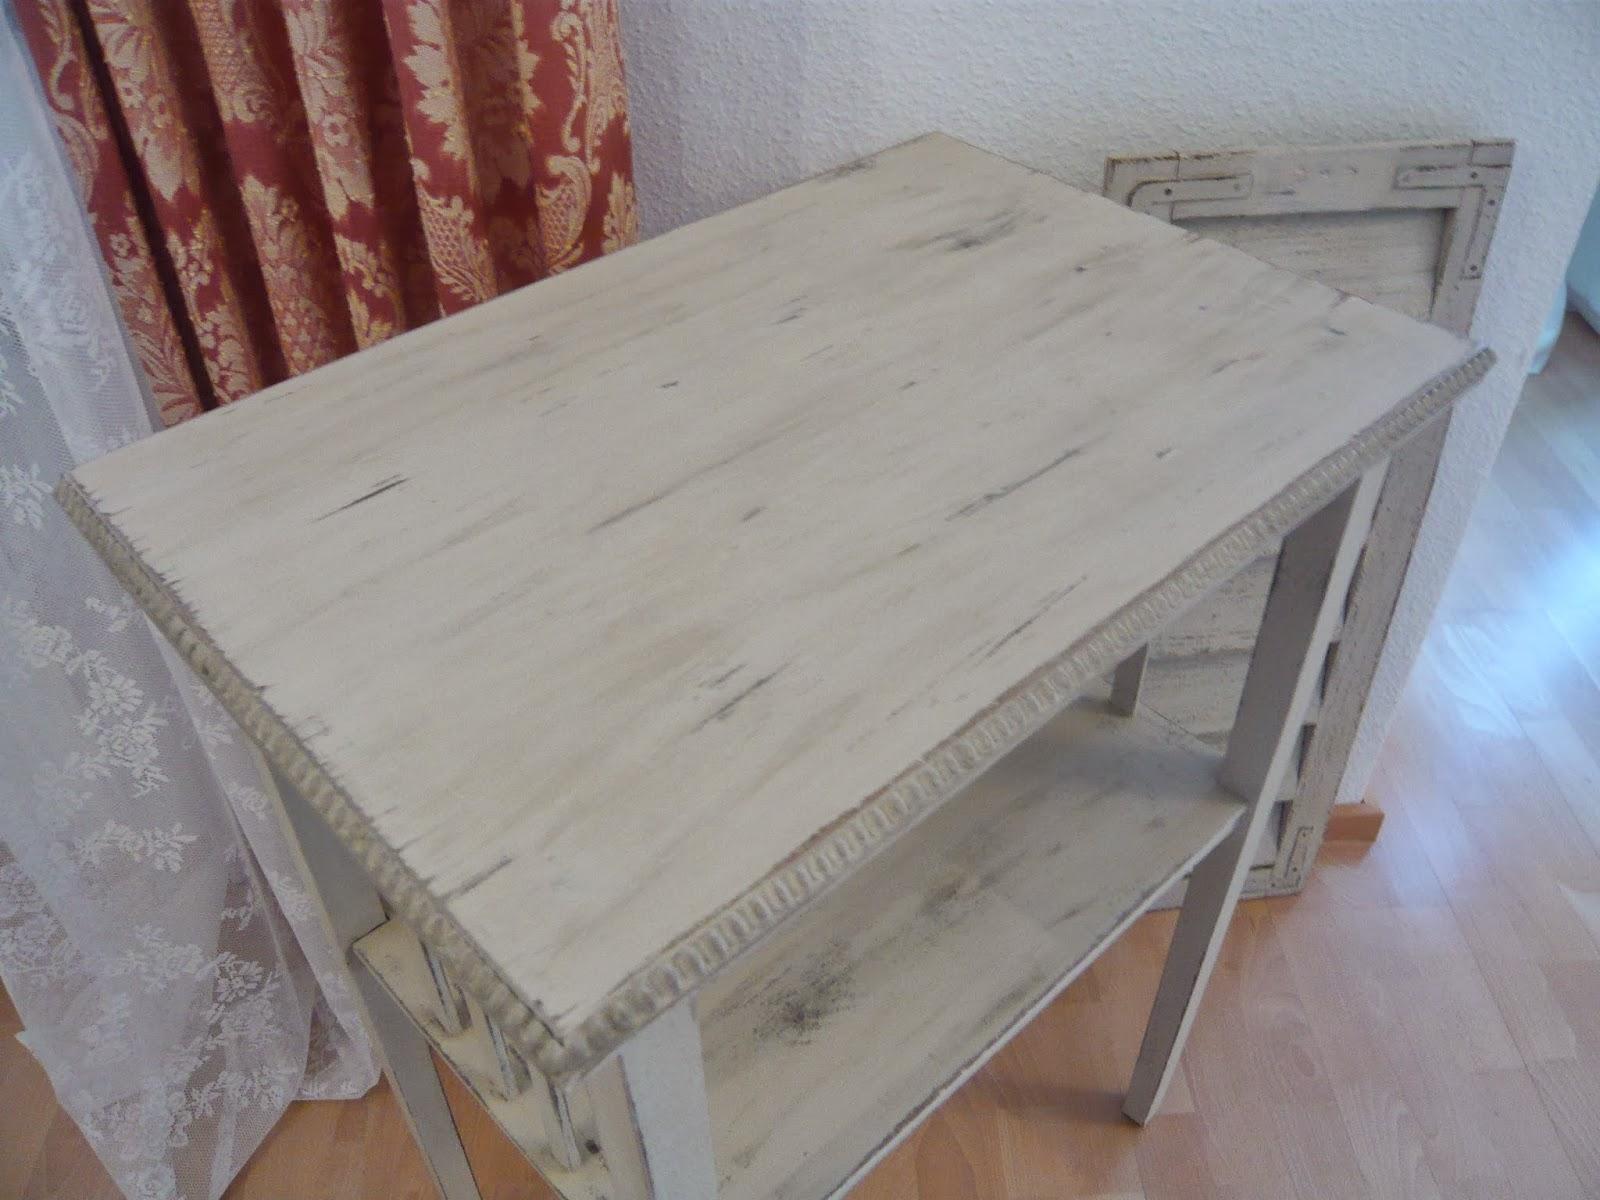 kuchenmobel streichen mit kreidefarbe : Fundst?cke mit Stil: Beistelltisch vorher / nachher Kreidefarbe